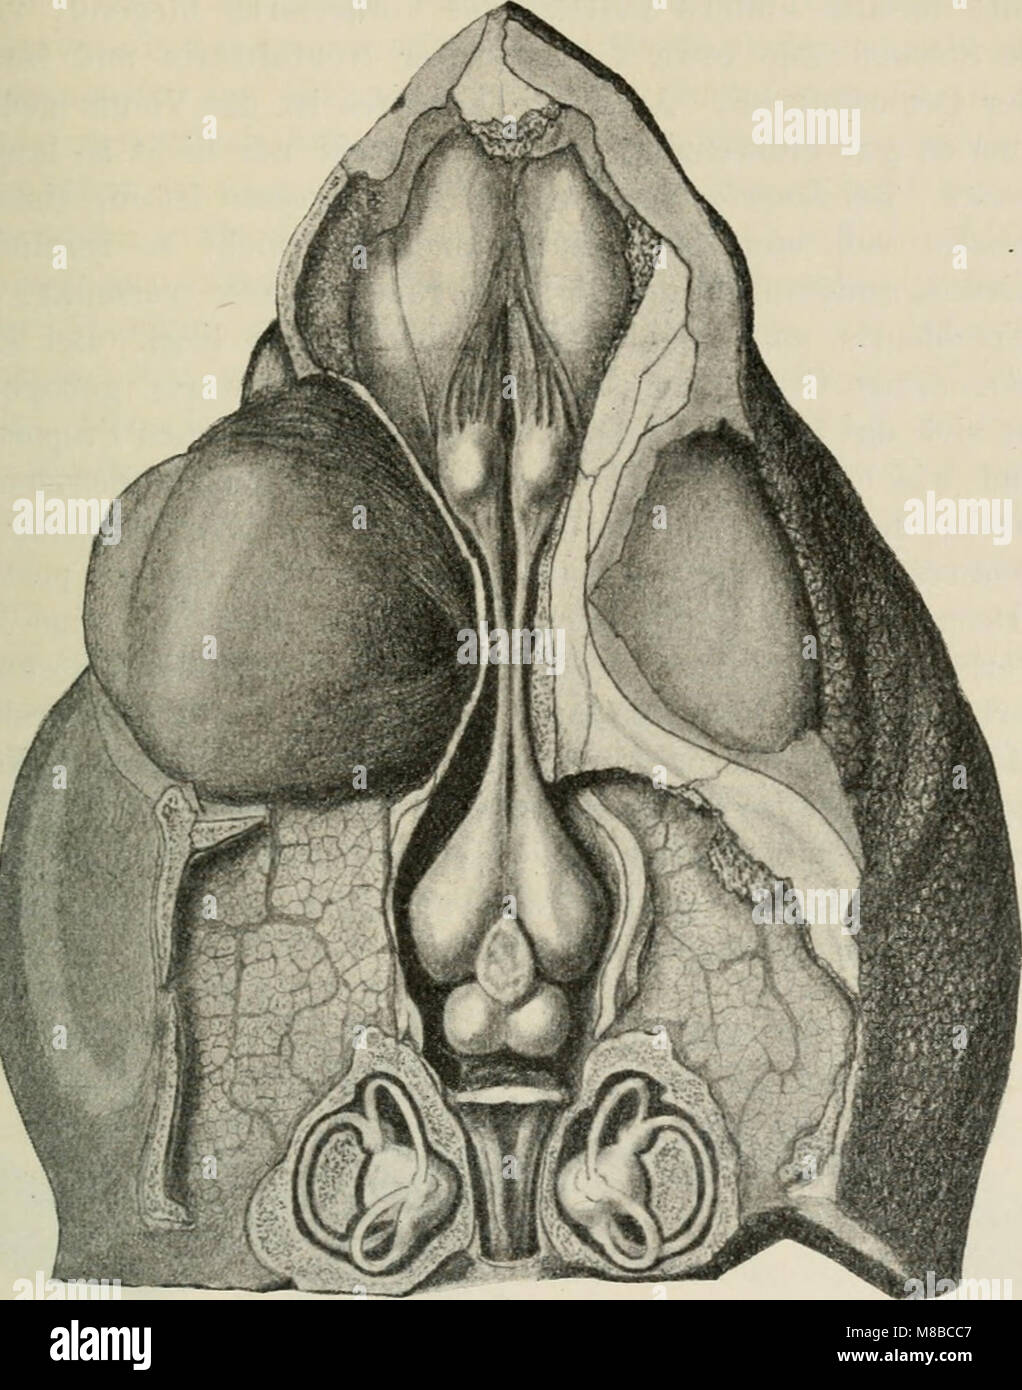 Das Gehirn von Hatteria punctata (1907) (20217381513 Stock Photo ...